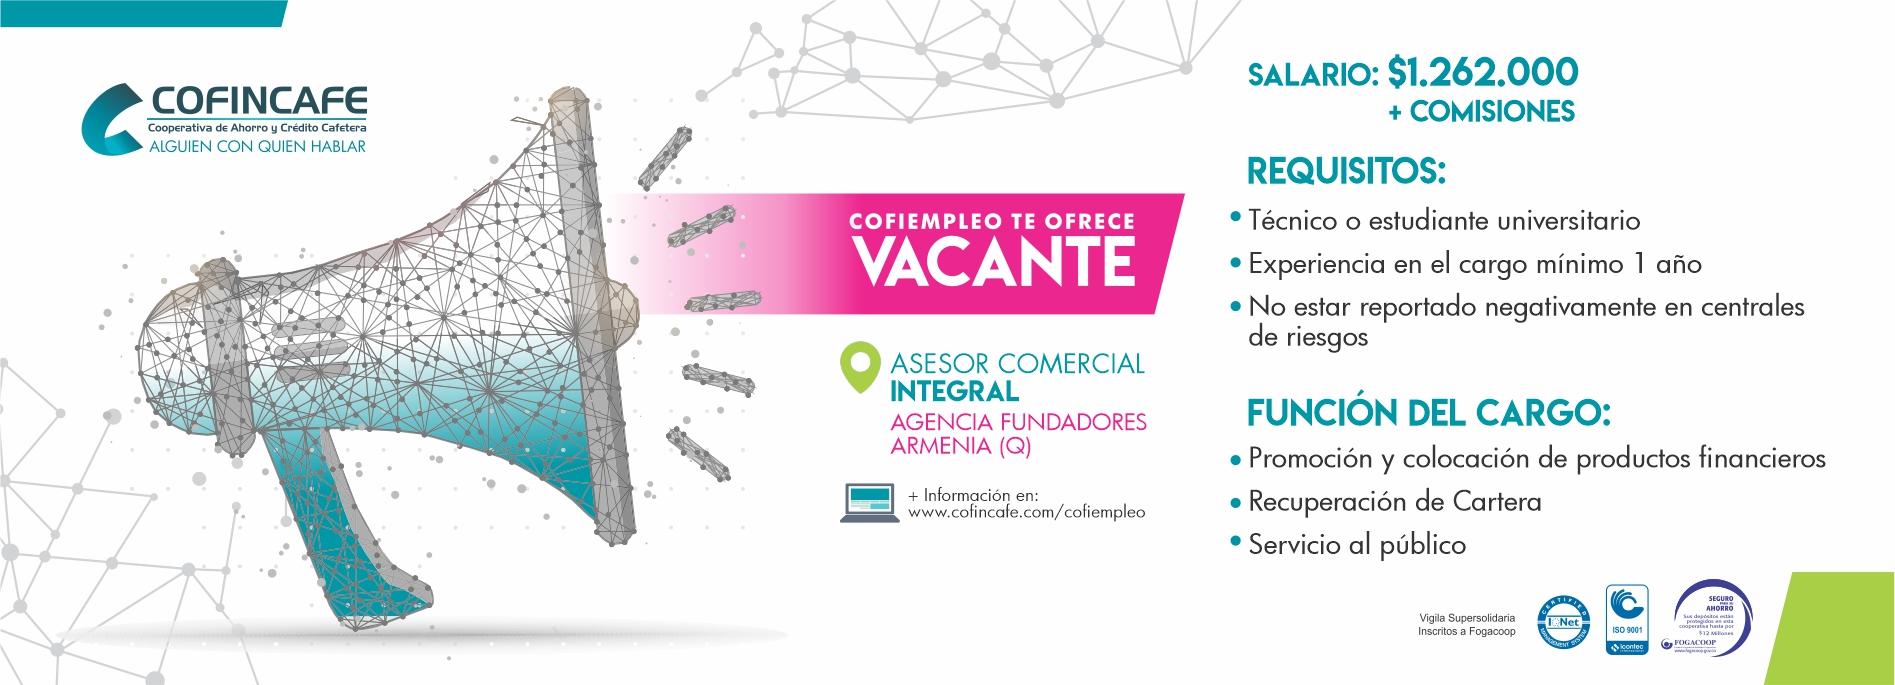 VACANTE ASESOR INTEGRAL FUNDADORES COFINCAFE